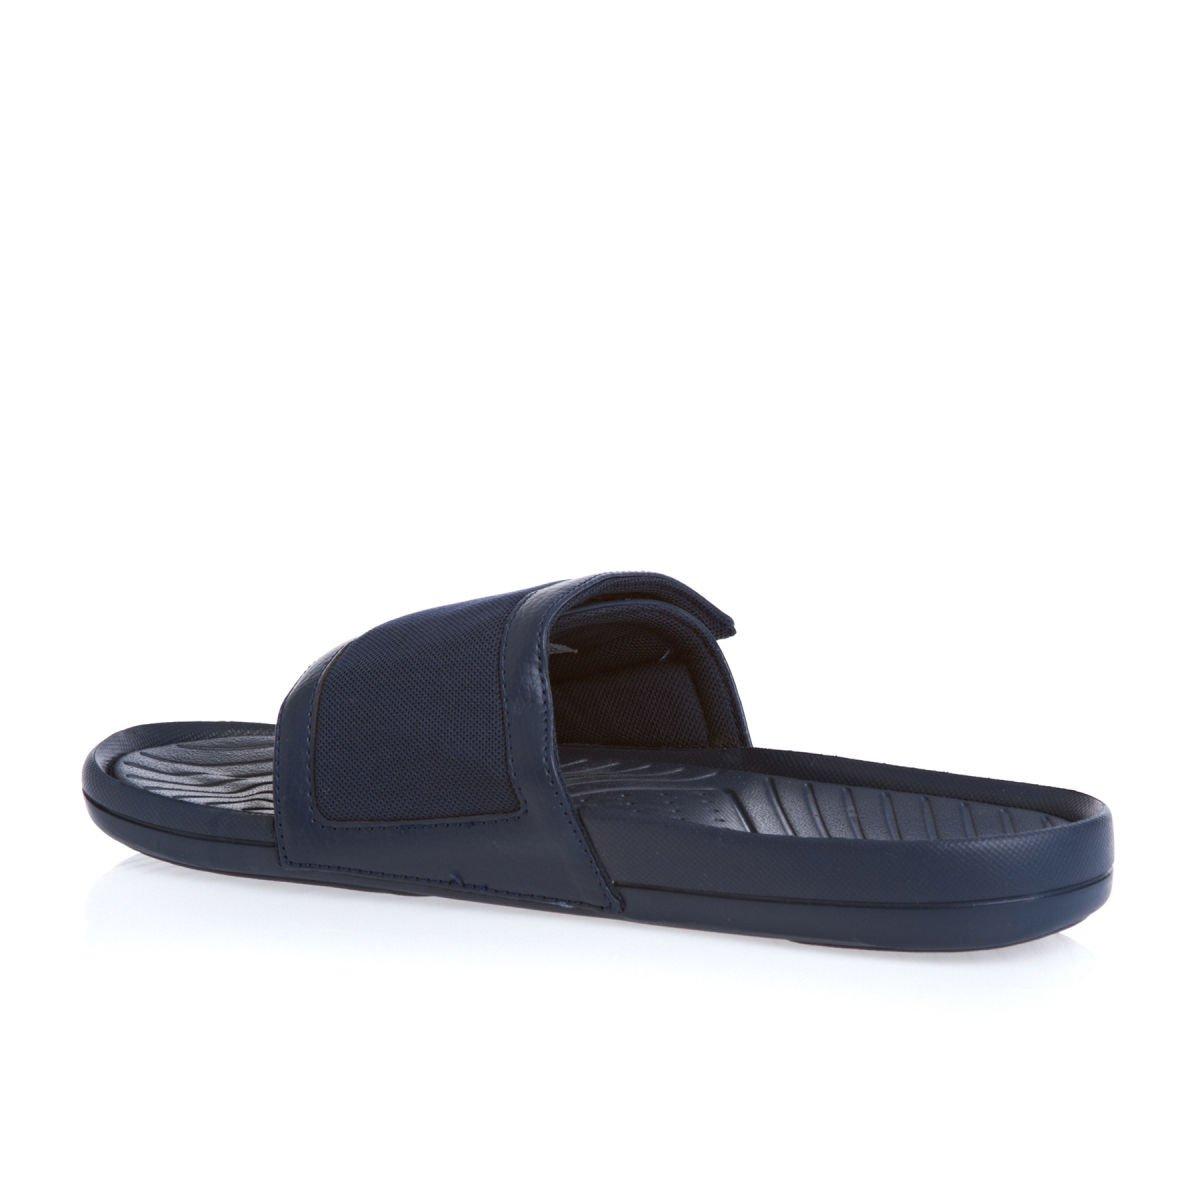 22dd9a6afbf25 Lacoste Fynton USM Flip Flops Dark Blue Dark Blue 8 UK  Amazon.co.uk  Shoes    Bags